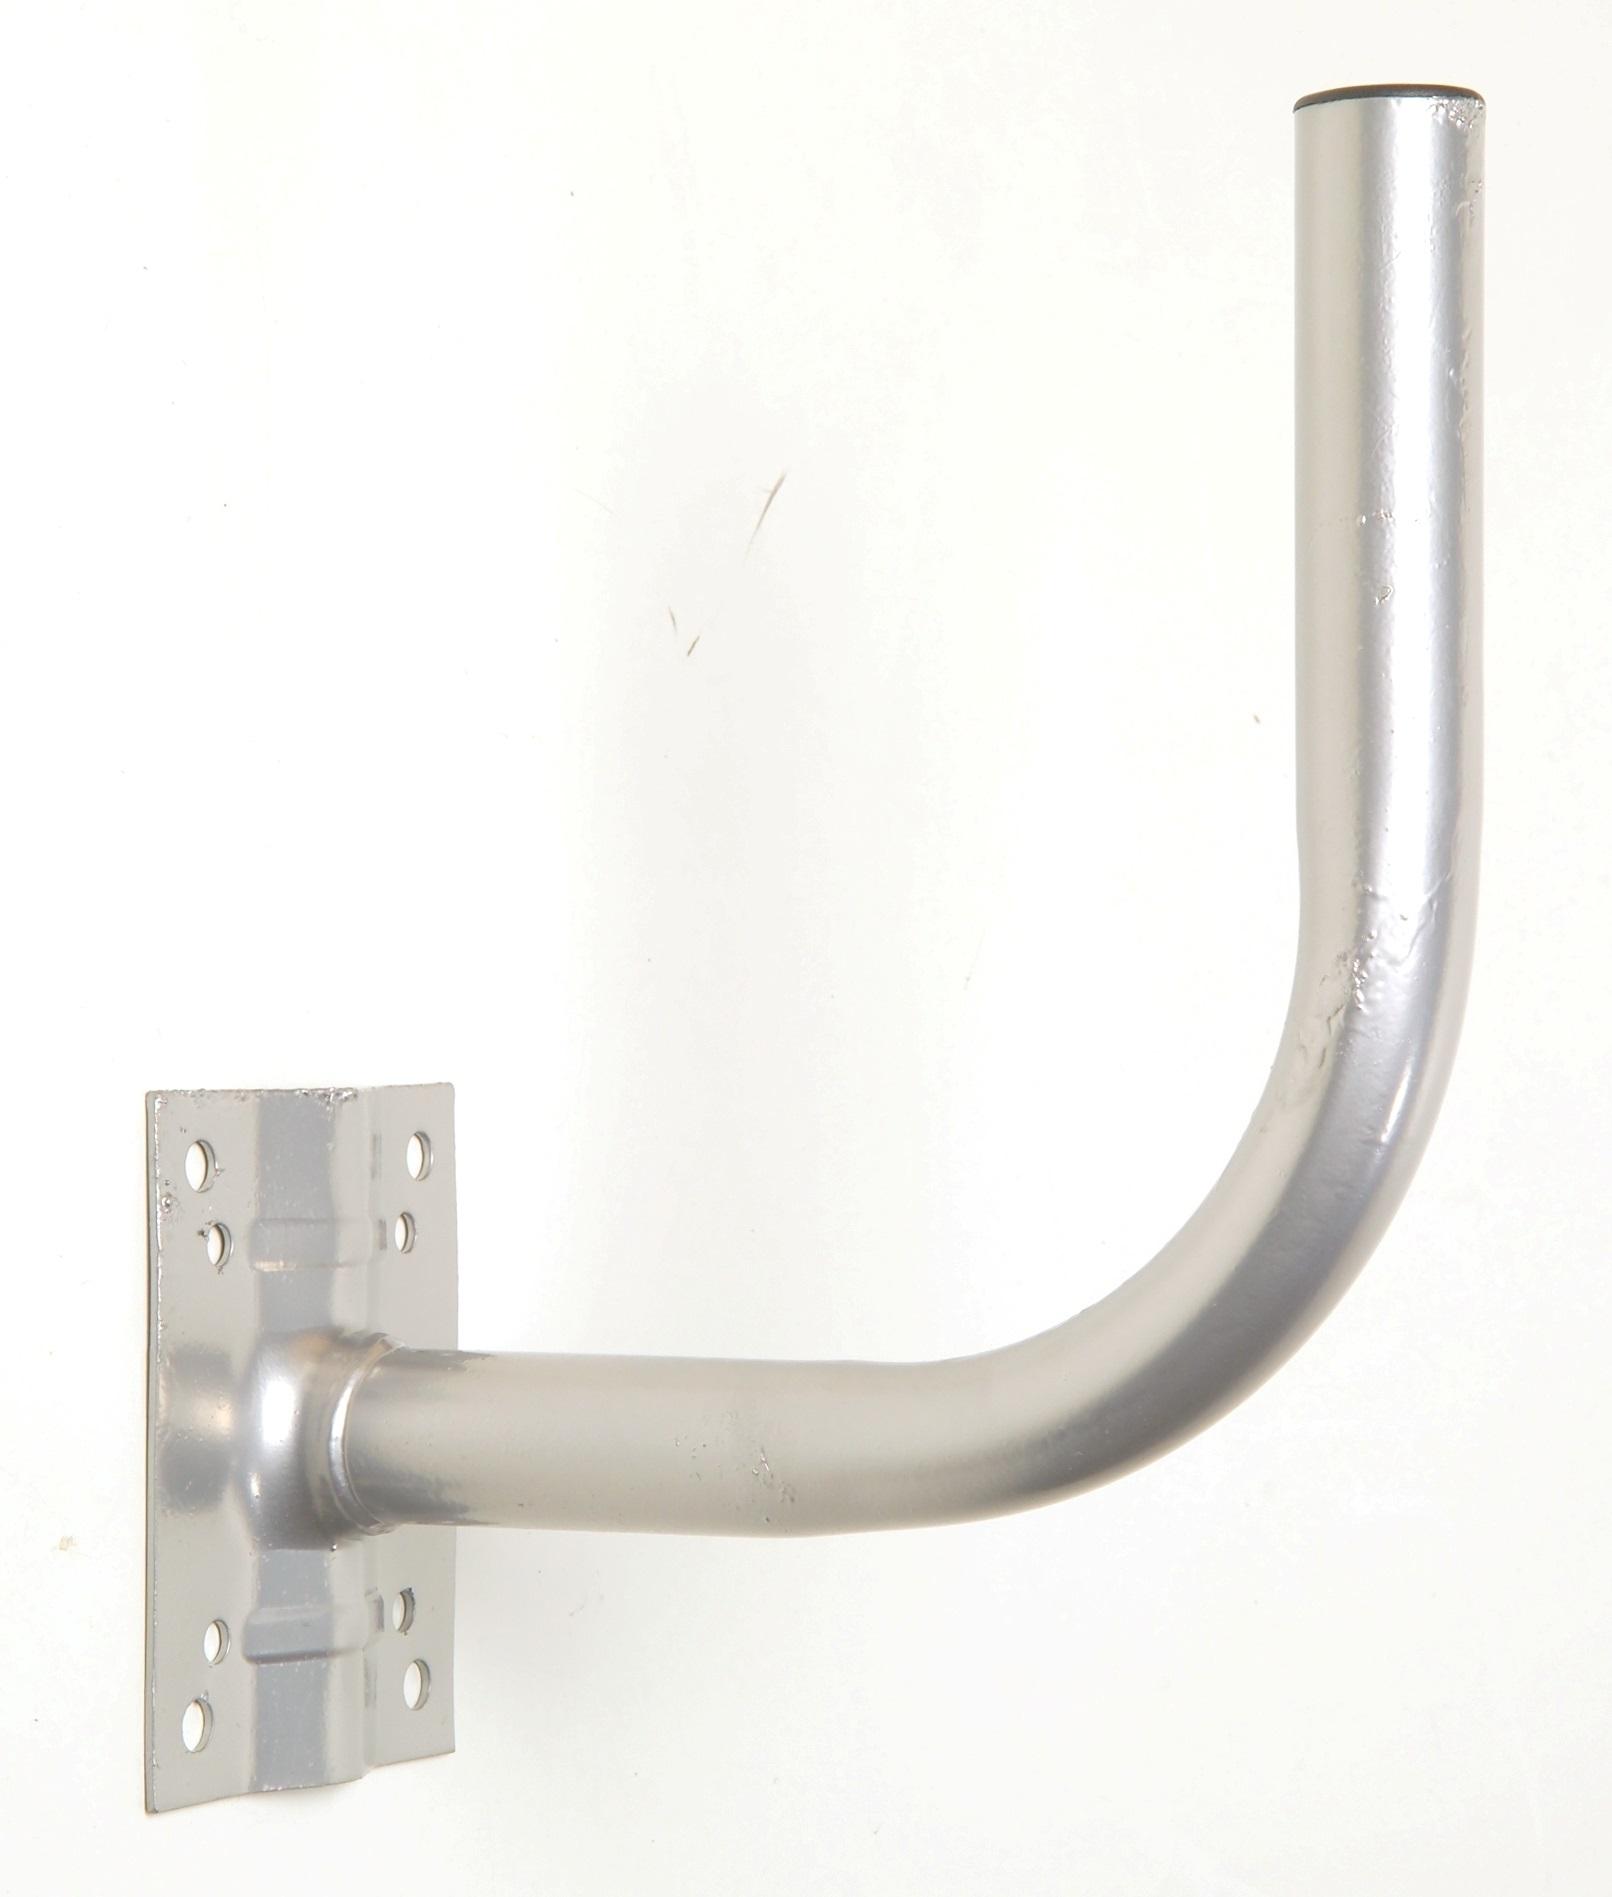 1 Stk SAT Wandhalter,Wandabst.=460,H=270,DM=40mm,Stahl feuerverzin HSATMW46S-